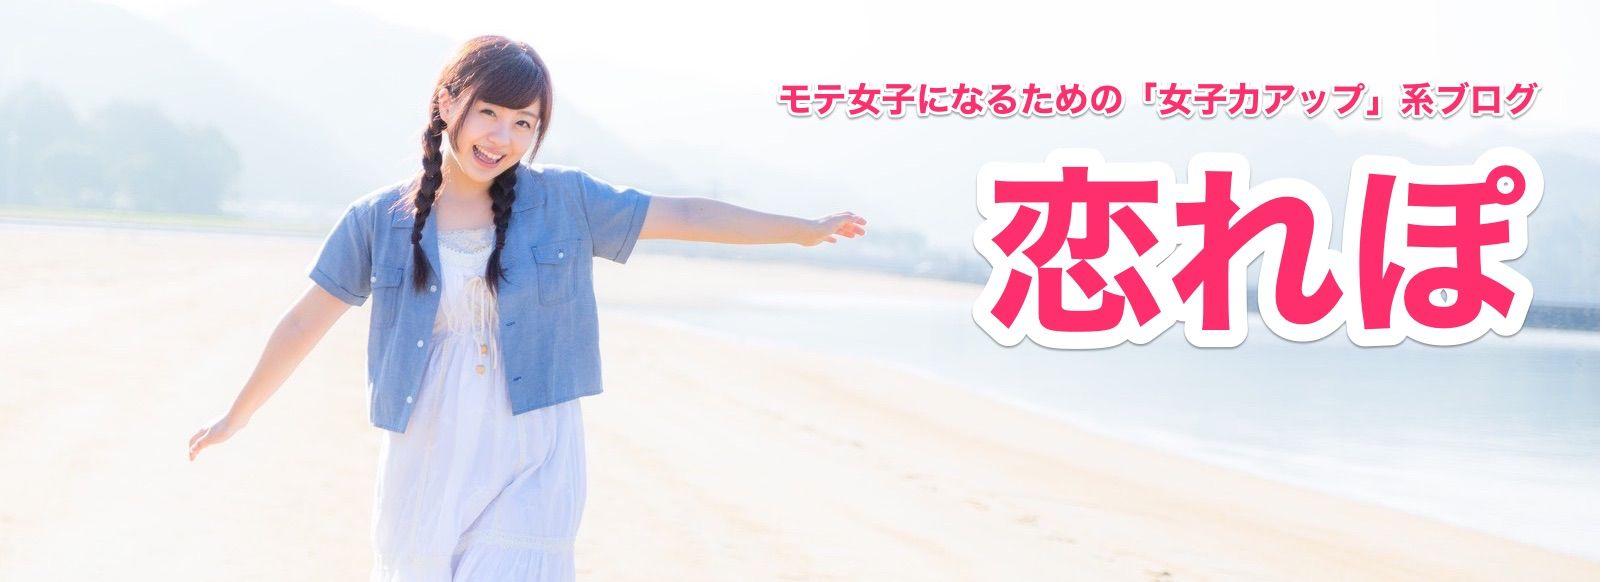 恋れぽ イメージ画像